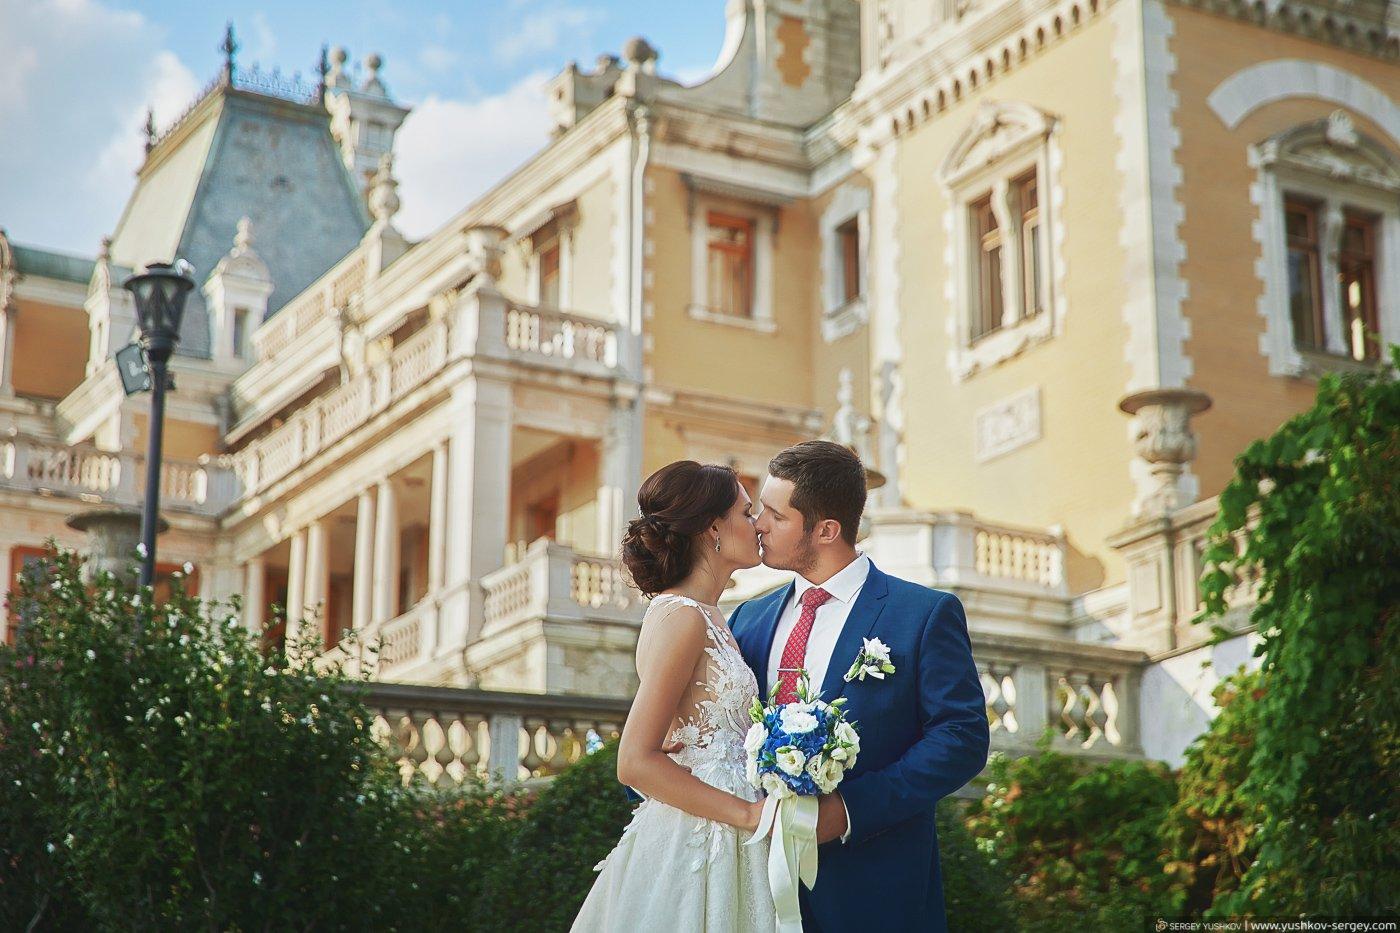 Свадебная фотосессия для двоих в парке Массандровского дворца. Ялта, Крым. Фотограф в Крыму - Сергей Юшков.